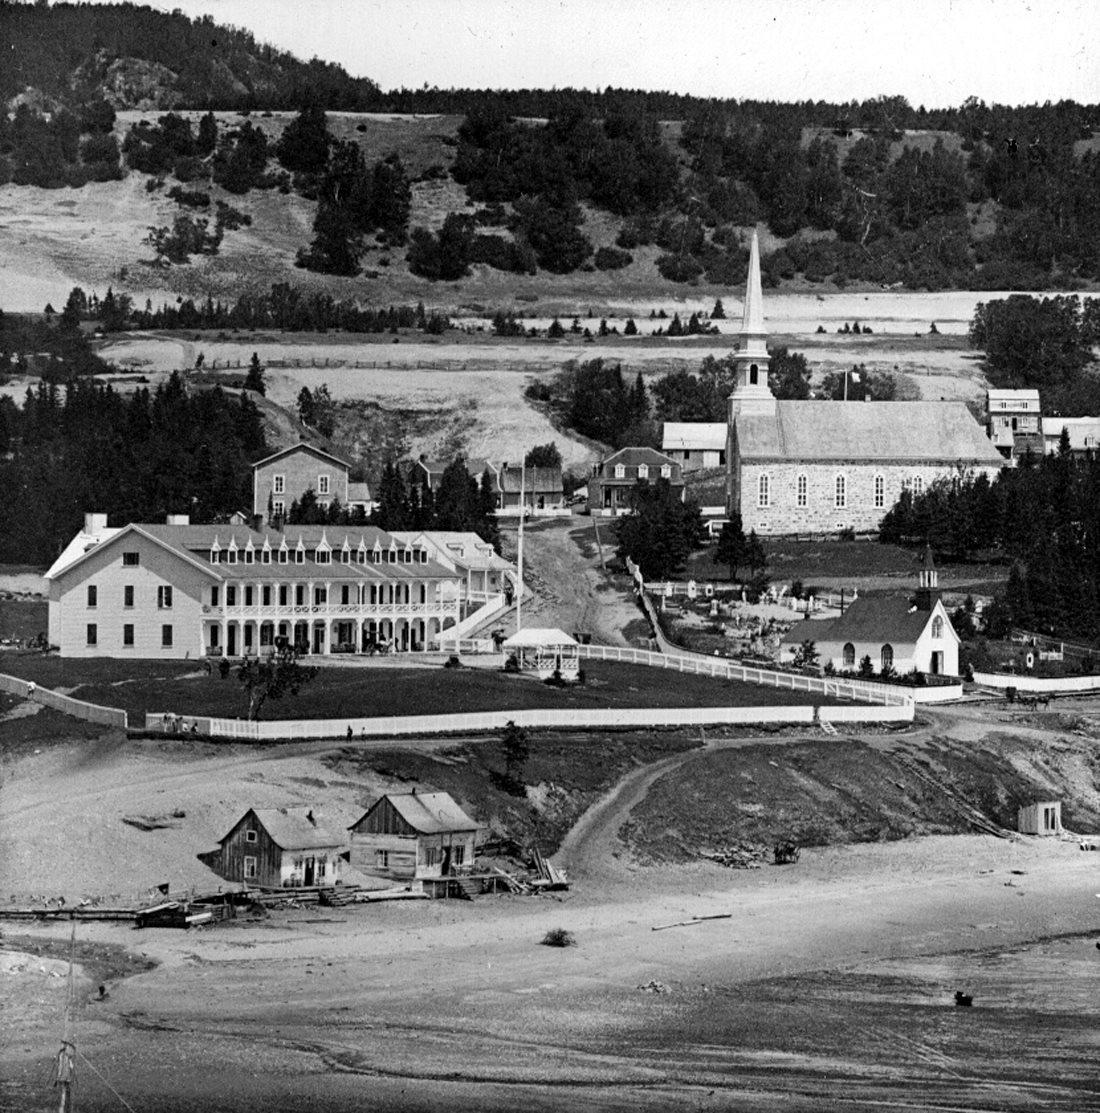 Un petit hameau où se trouvent un grand hôtel, une chapelle et une église en pierre près d'une plage en contrebas.